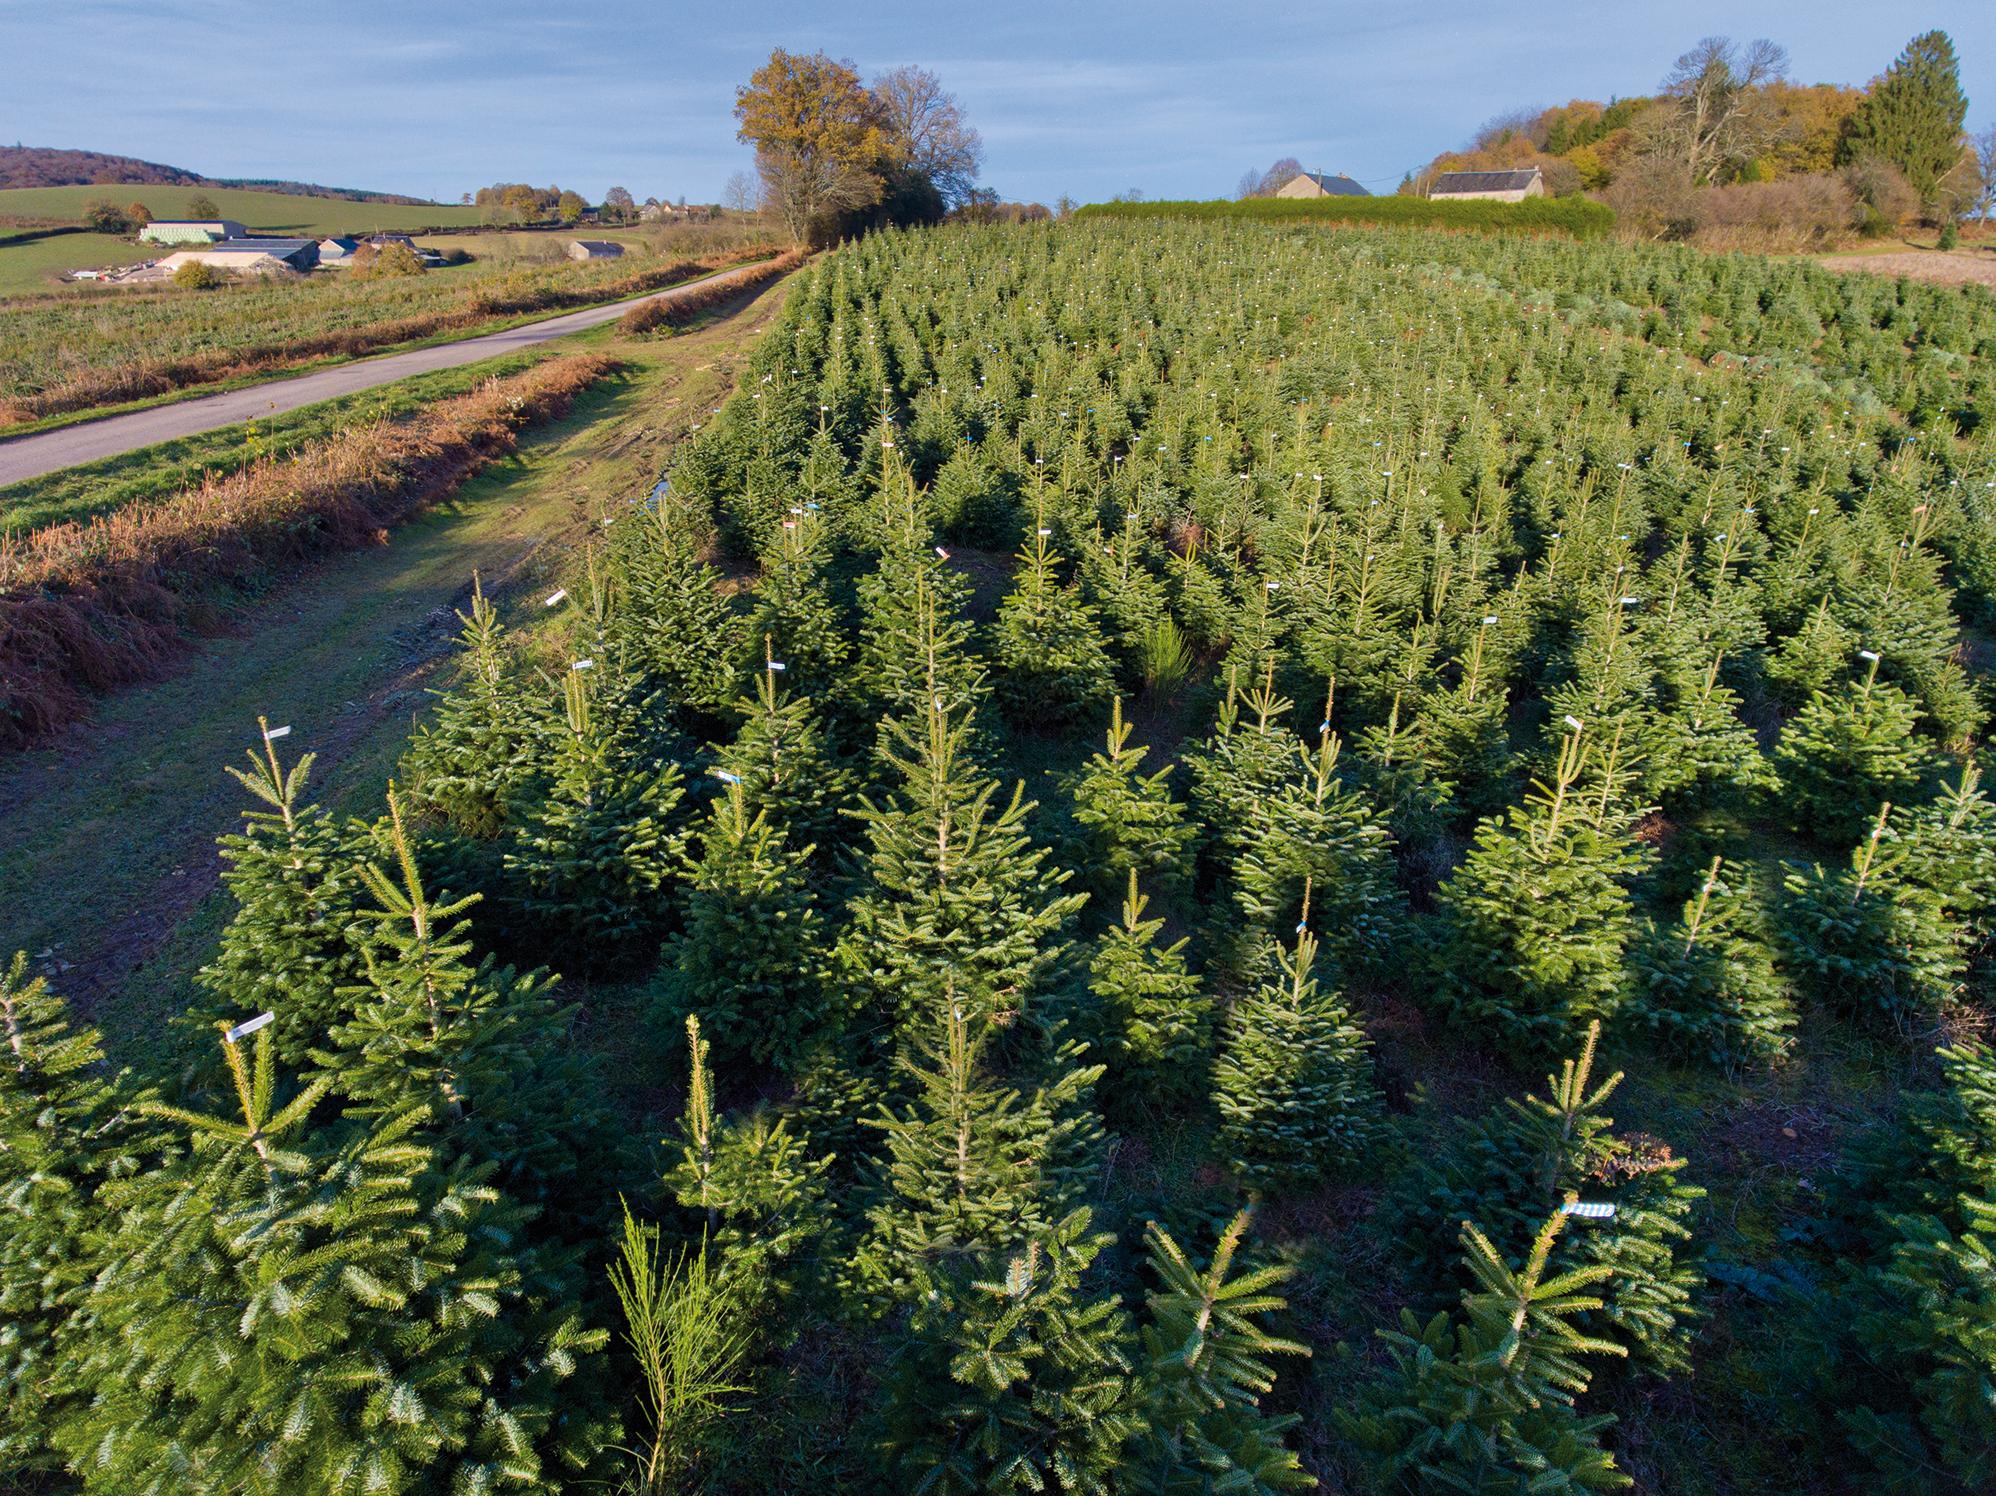 Le sapin de Noël est issu d'une véritable culture agricole - © VAL'HOR/AFSNN-S. Barthélémy